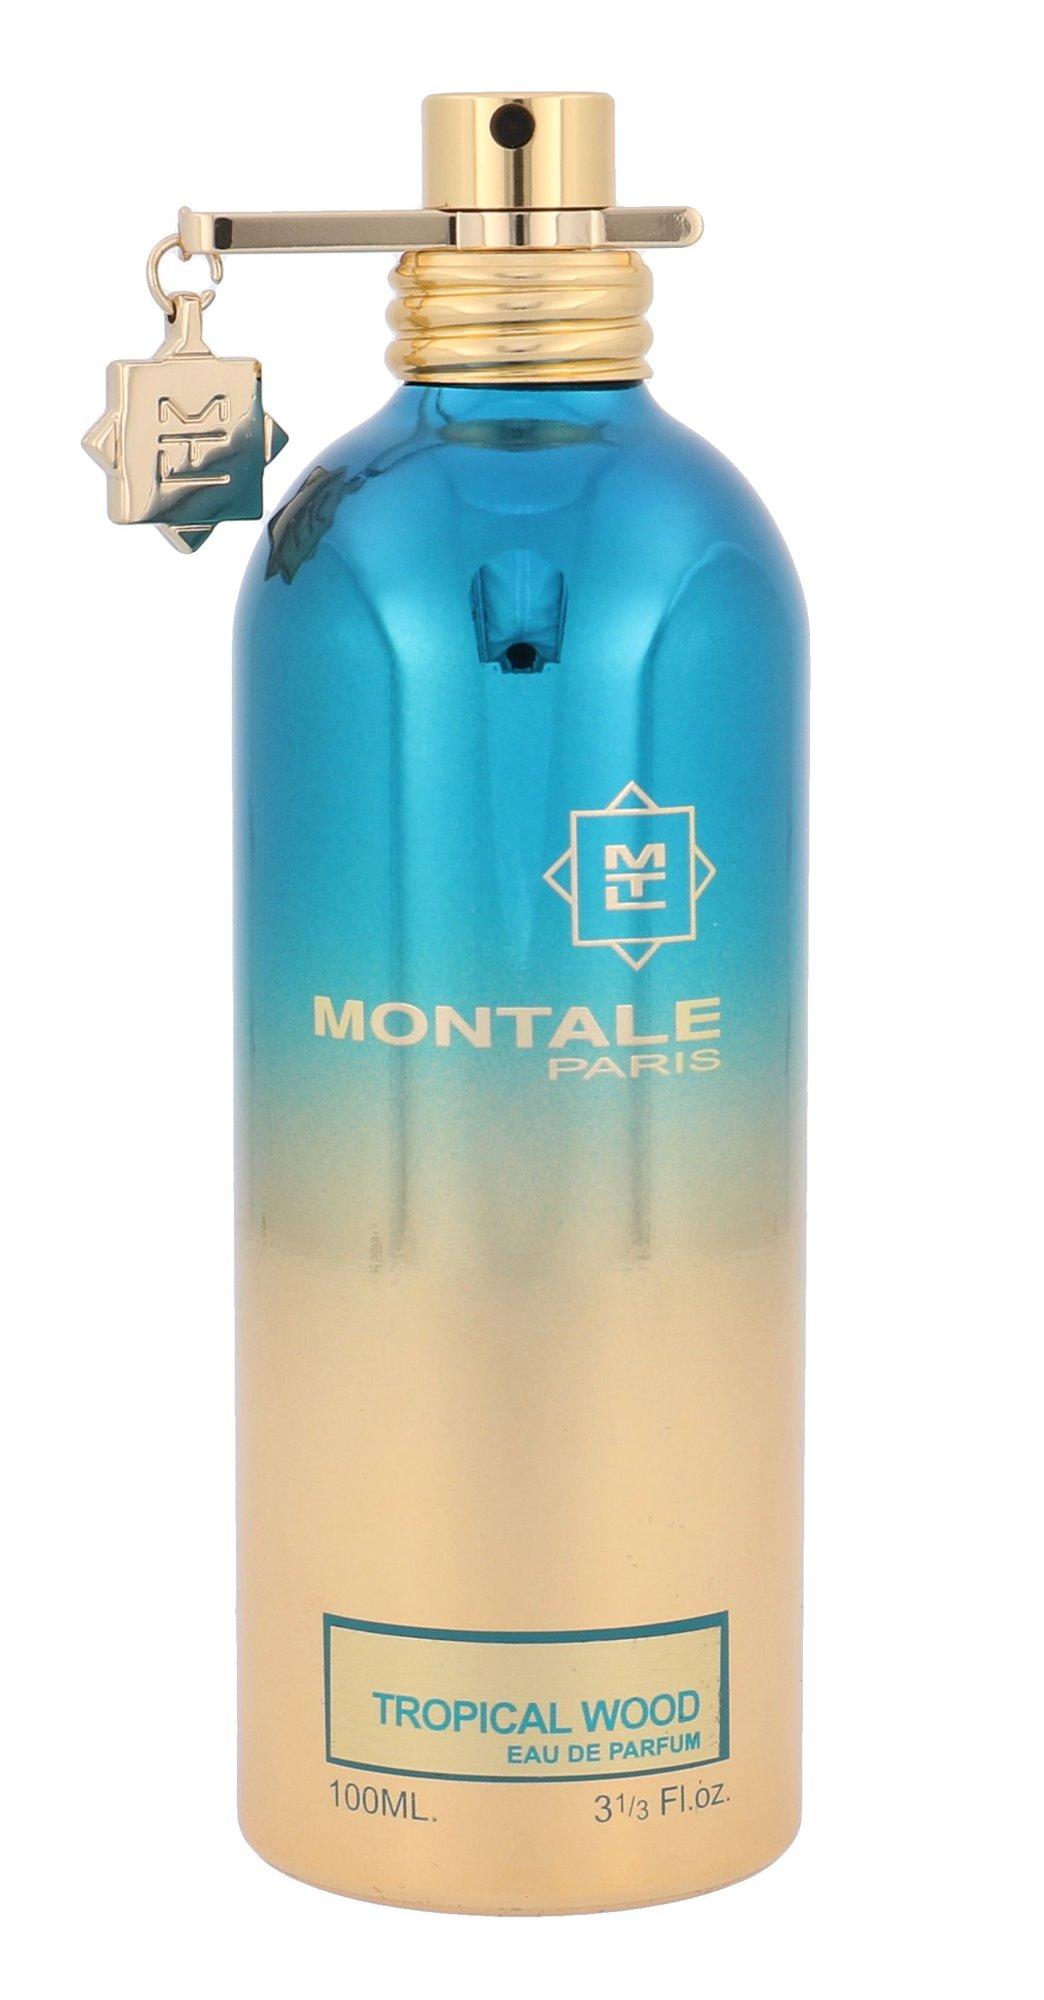 Montale Paris Tropical Wood Eau de Parfum 100ml